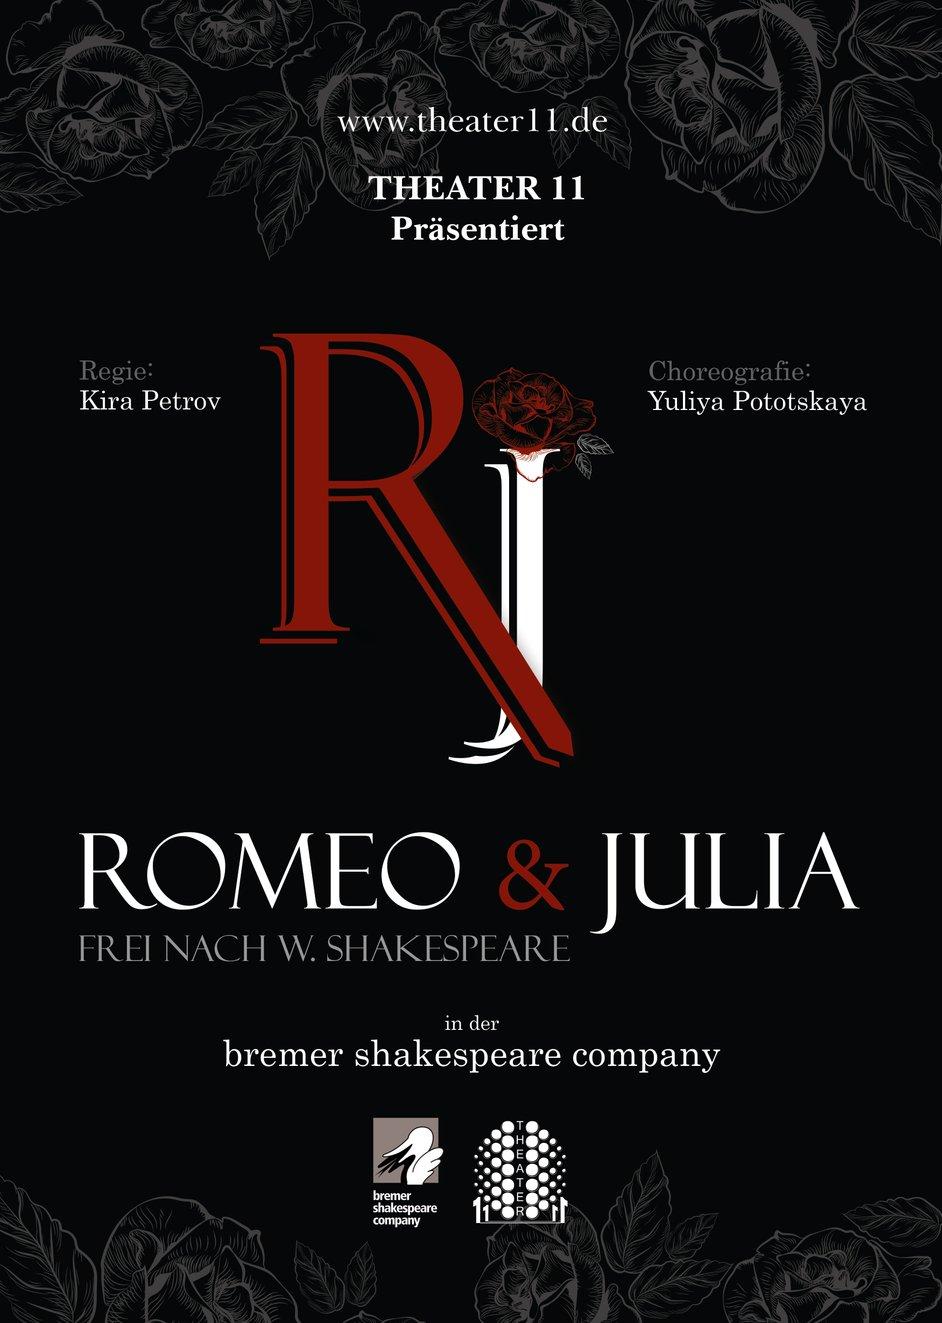 Romeo und Julia   theater11.de